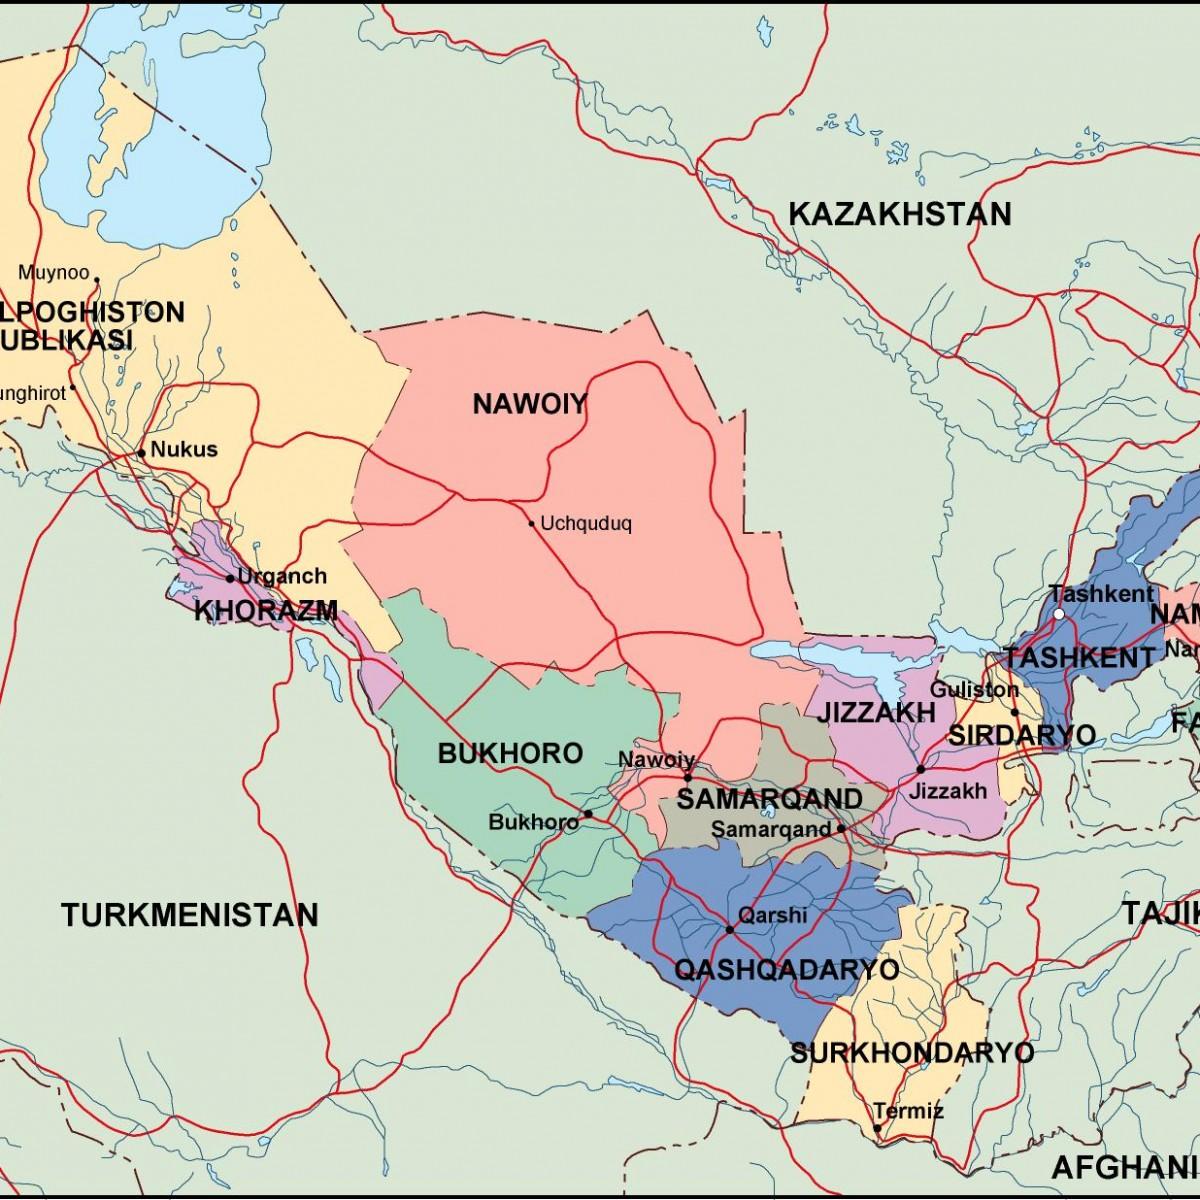 خريطة اوزباكستان لتوضيح مدينة بخارى مدن-اوزباك�